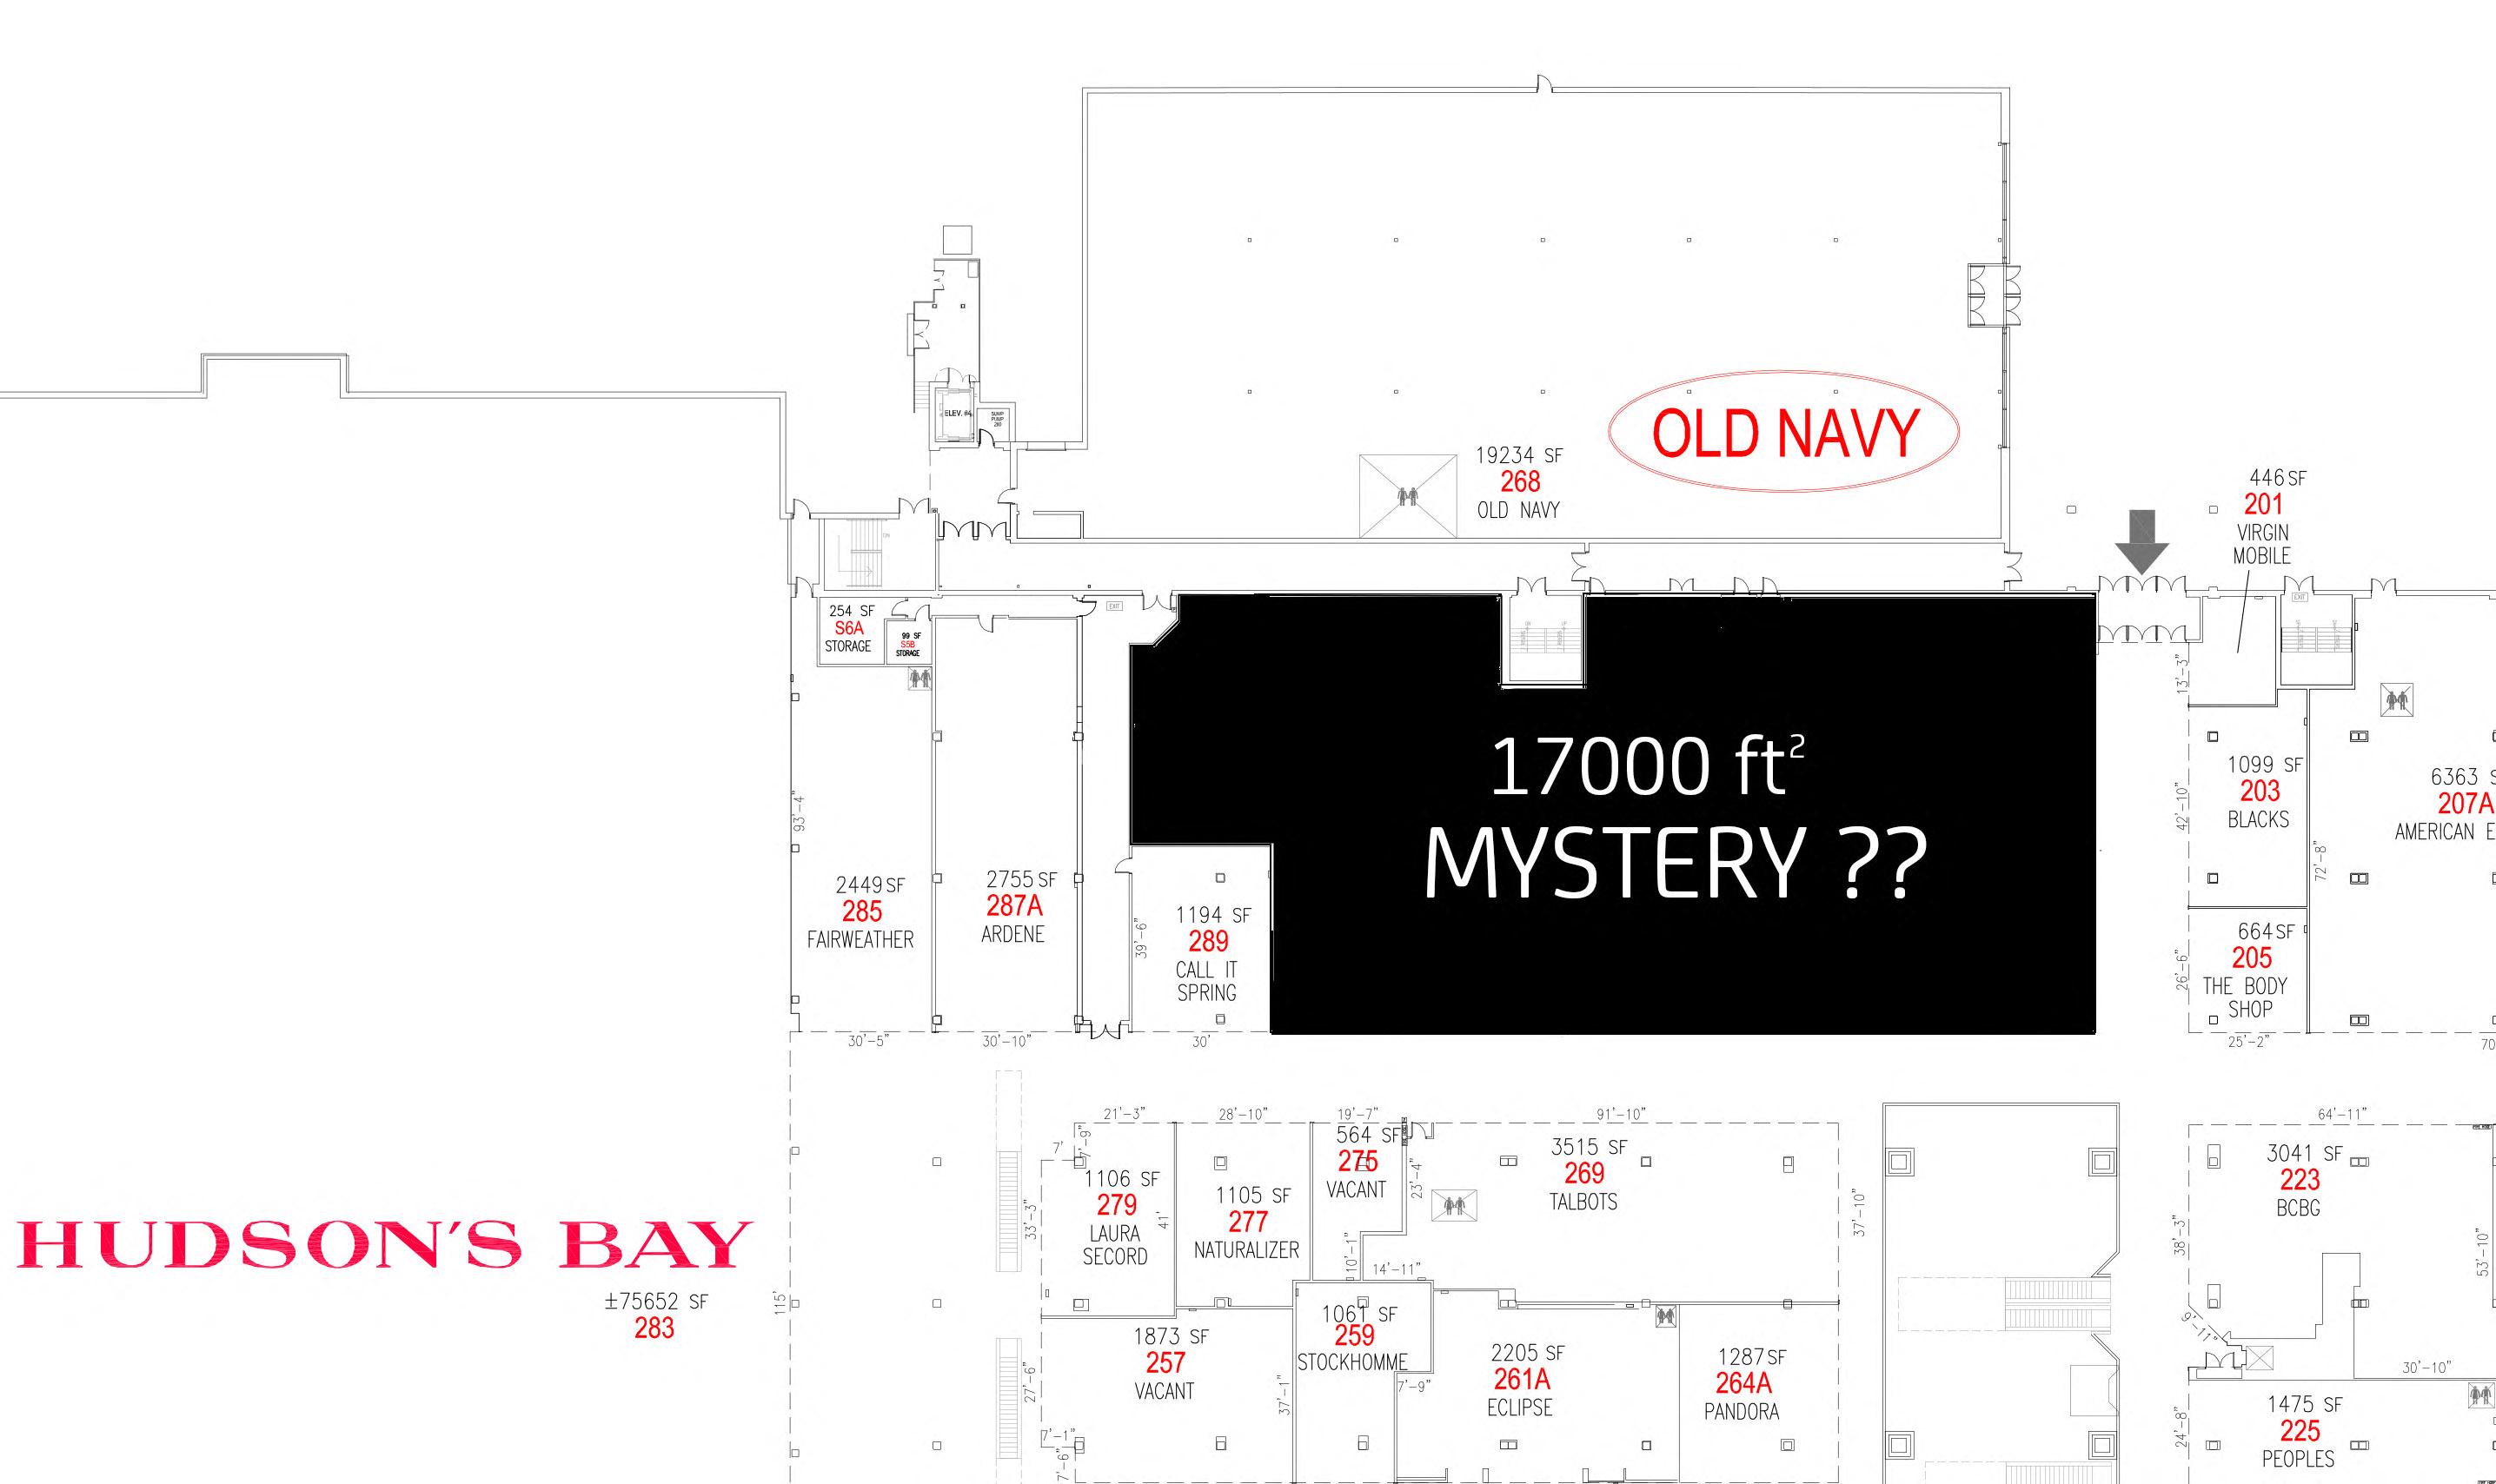 Mic Mac Mall Map mic mac mystery * Halifax ReTales